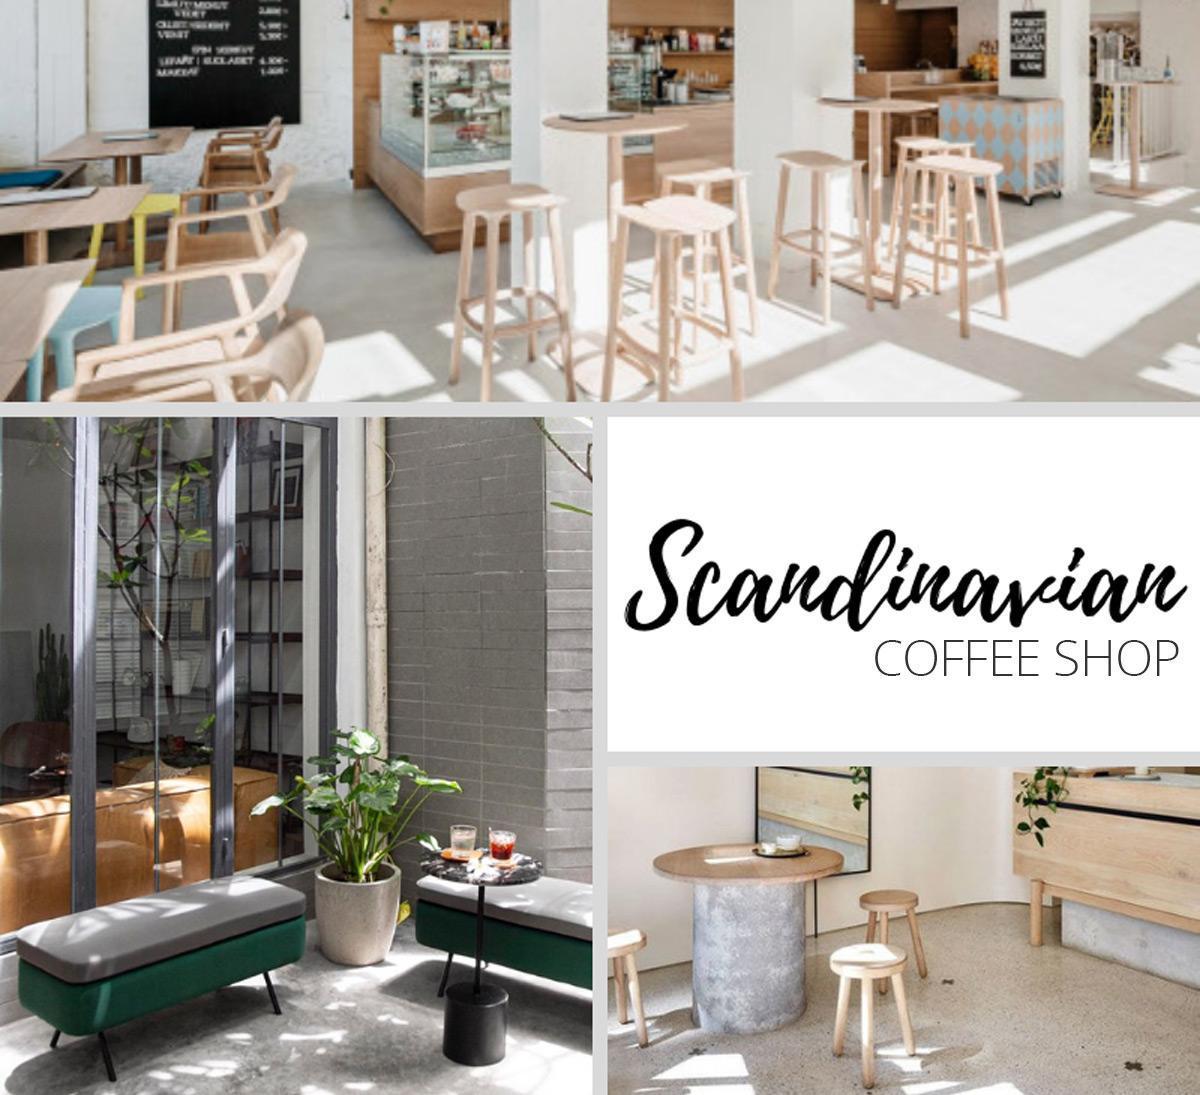 Mô hình quán cafe theo phong cách Bắc Âu - Scandinavian